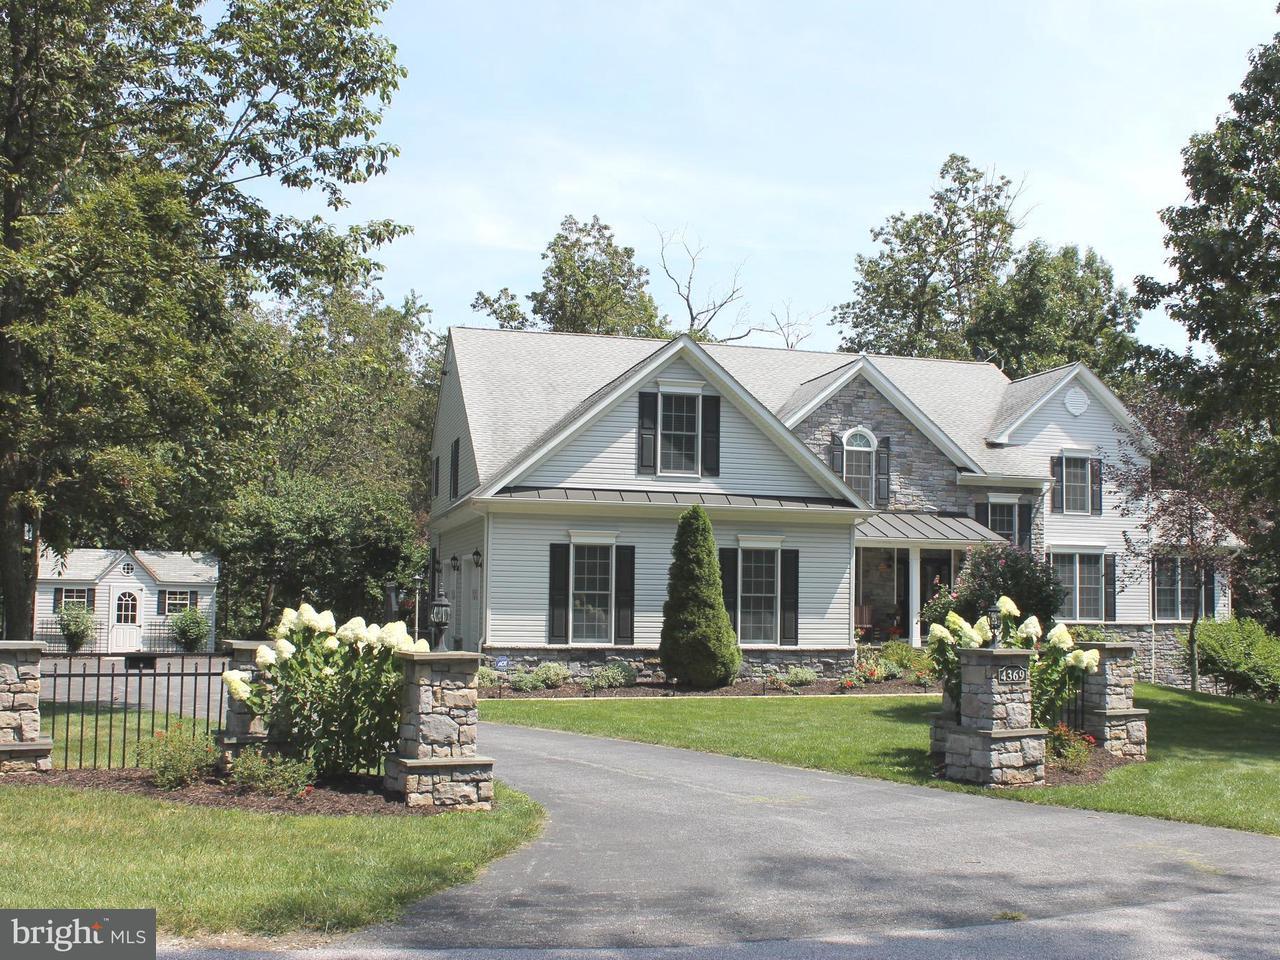 Частный односемейный дом для того Продажа на 4369 PARTNERSHIP DR N 4369 PARTNERSHIP DR N Manchester, Мэриленд 21102 Соединенные Штаты